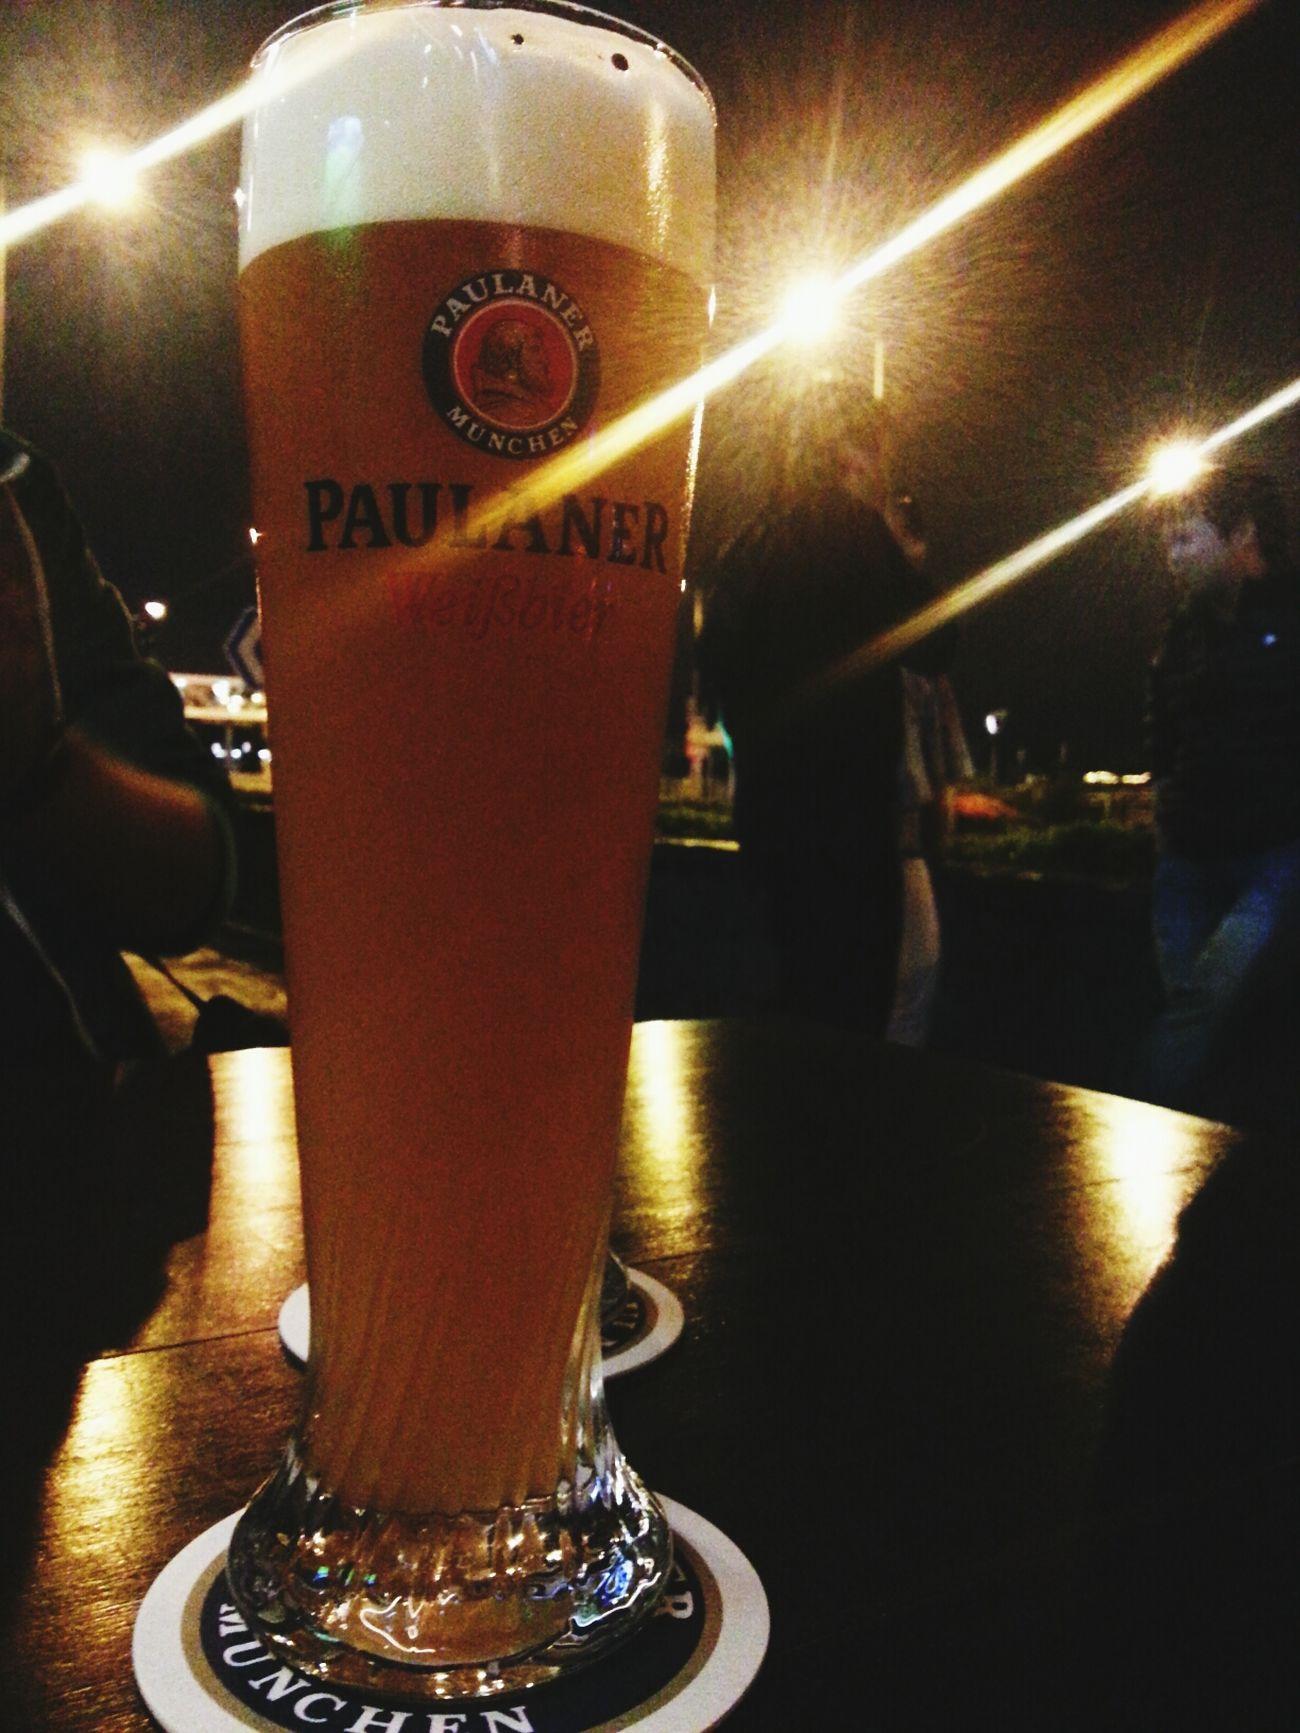 Nice Beer Relaxing Happy Beer Time hving a nice beery Finland friend^O^